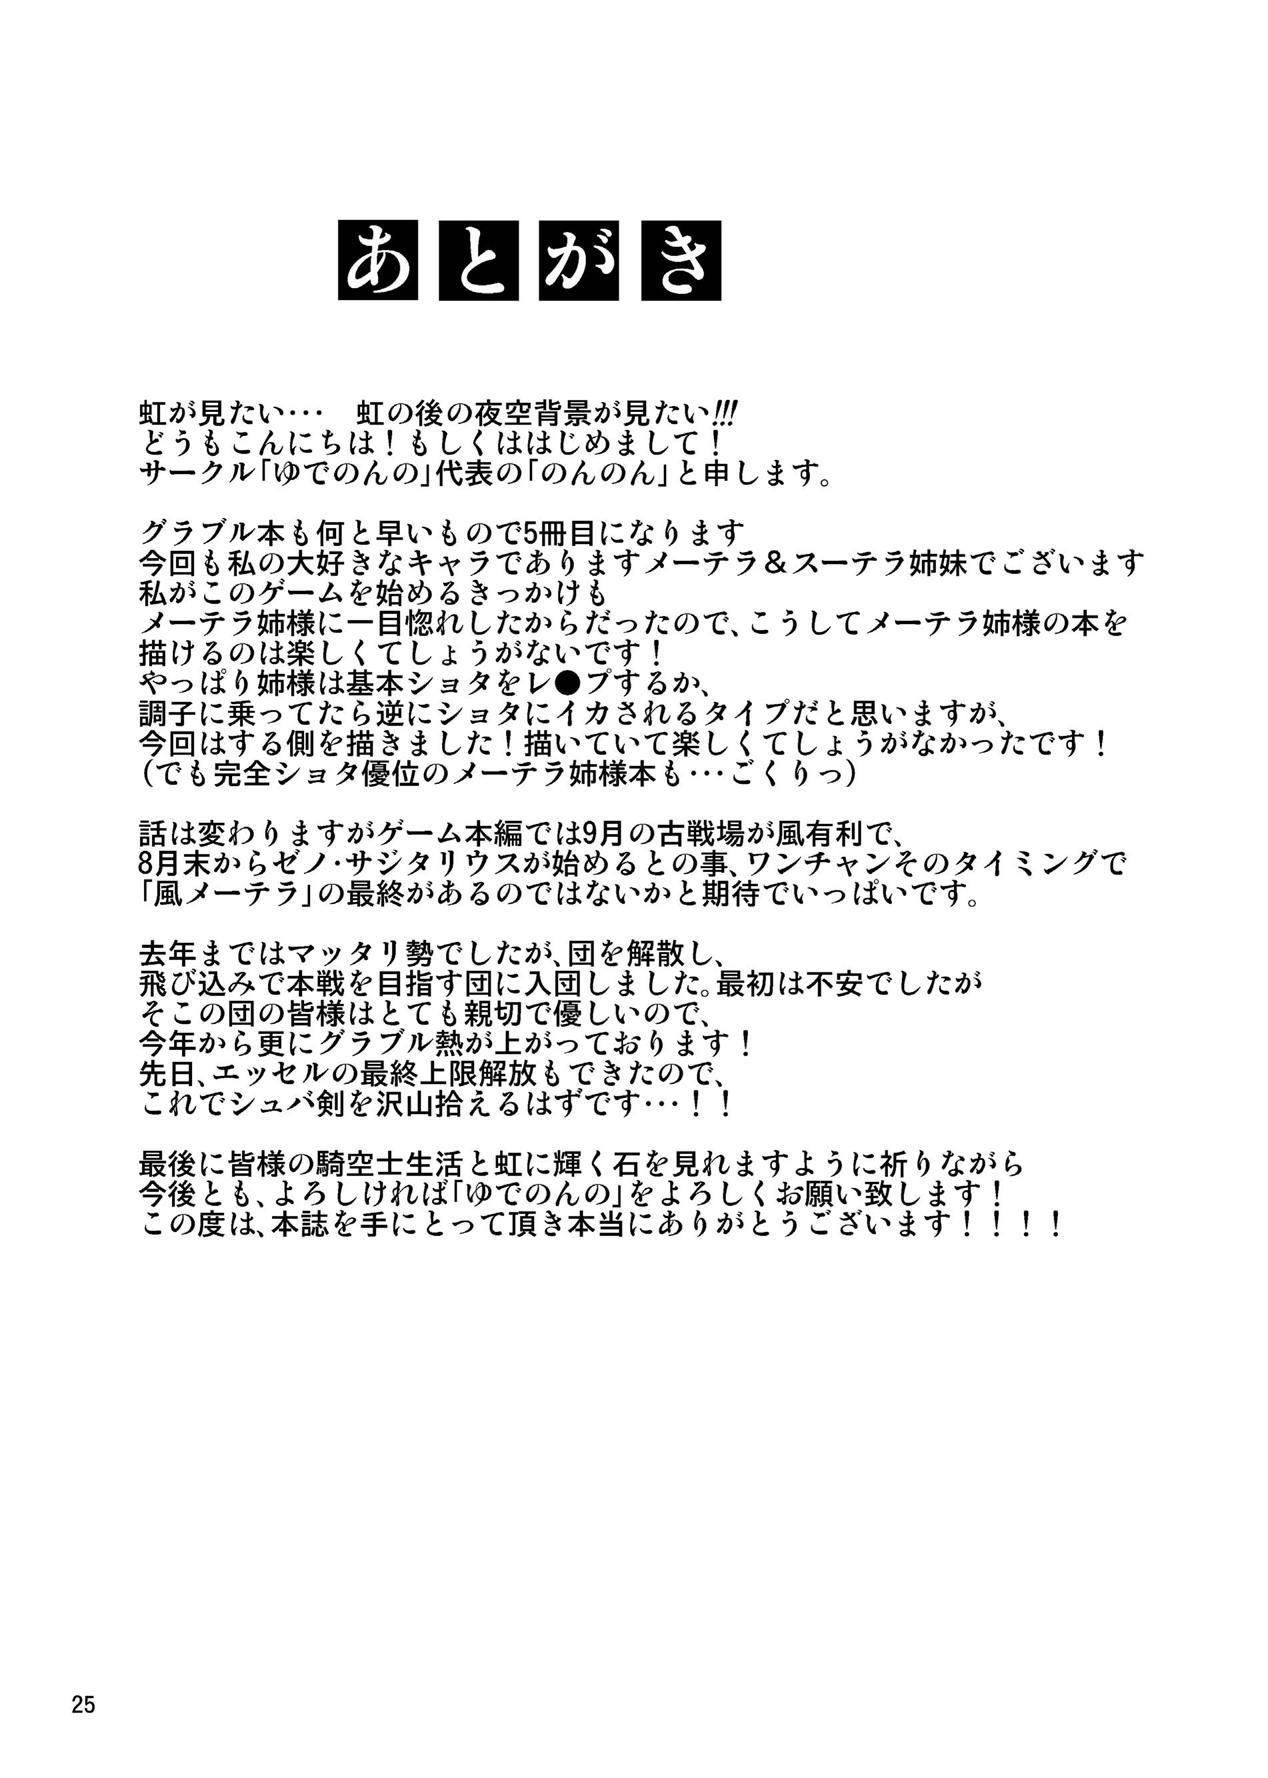 Zenkuu Ichi Bitch Shimai 24